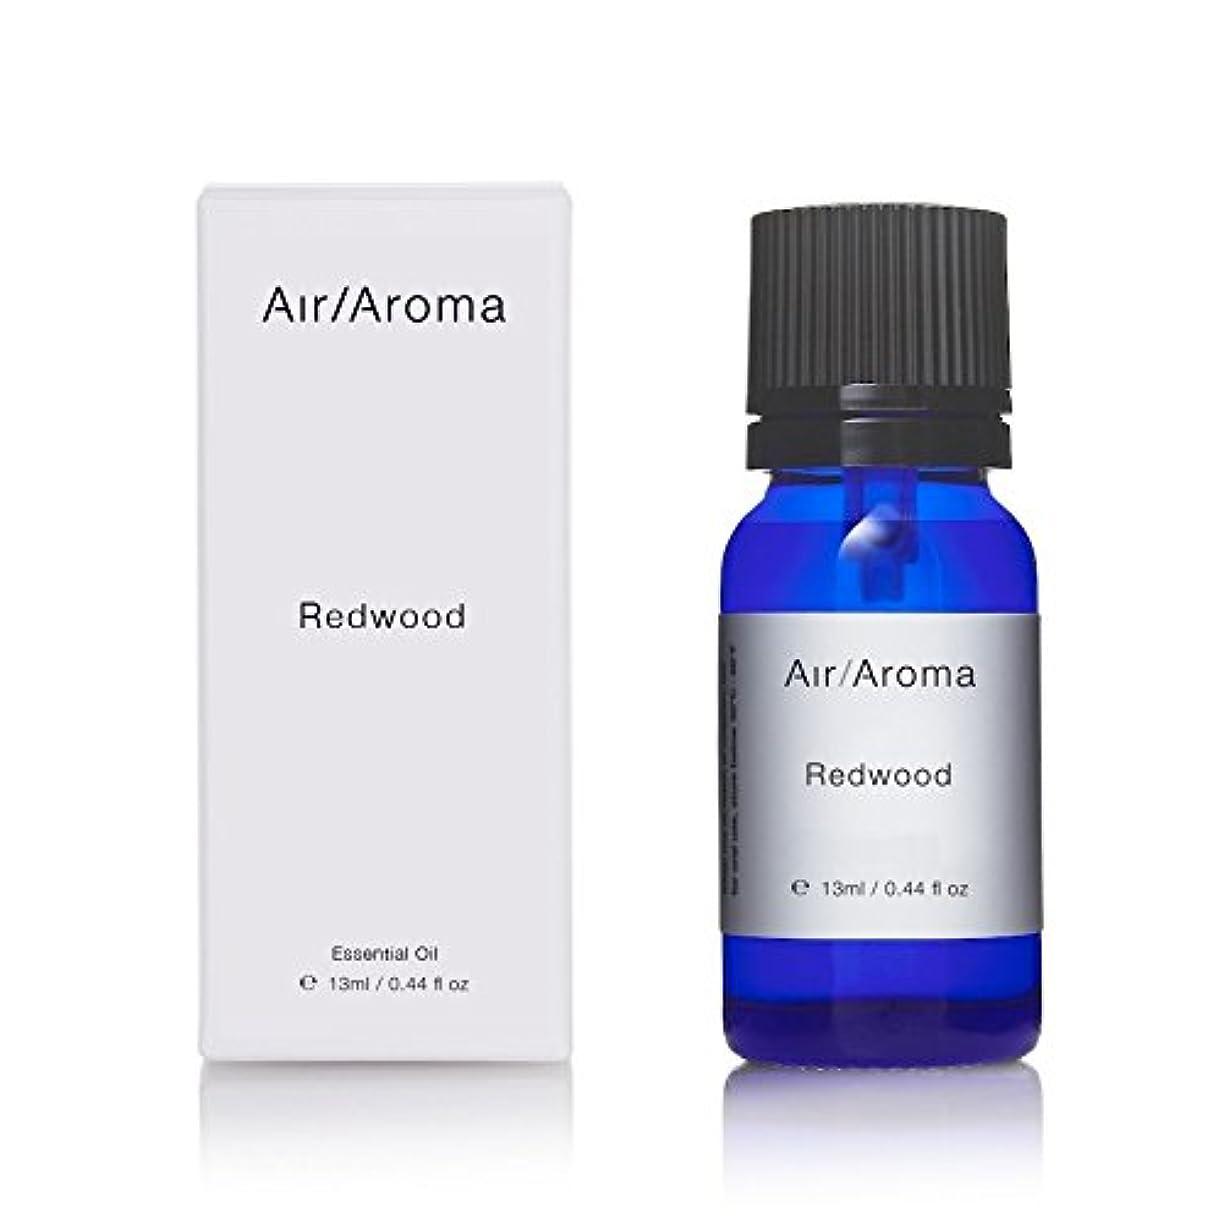 未使用公爵序文エアアロマ redwood (レッドウッド) 13ml